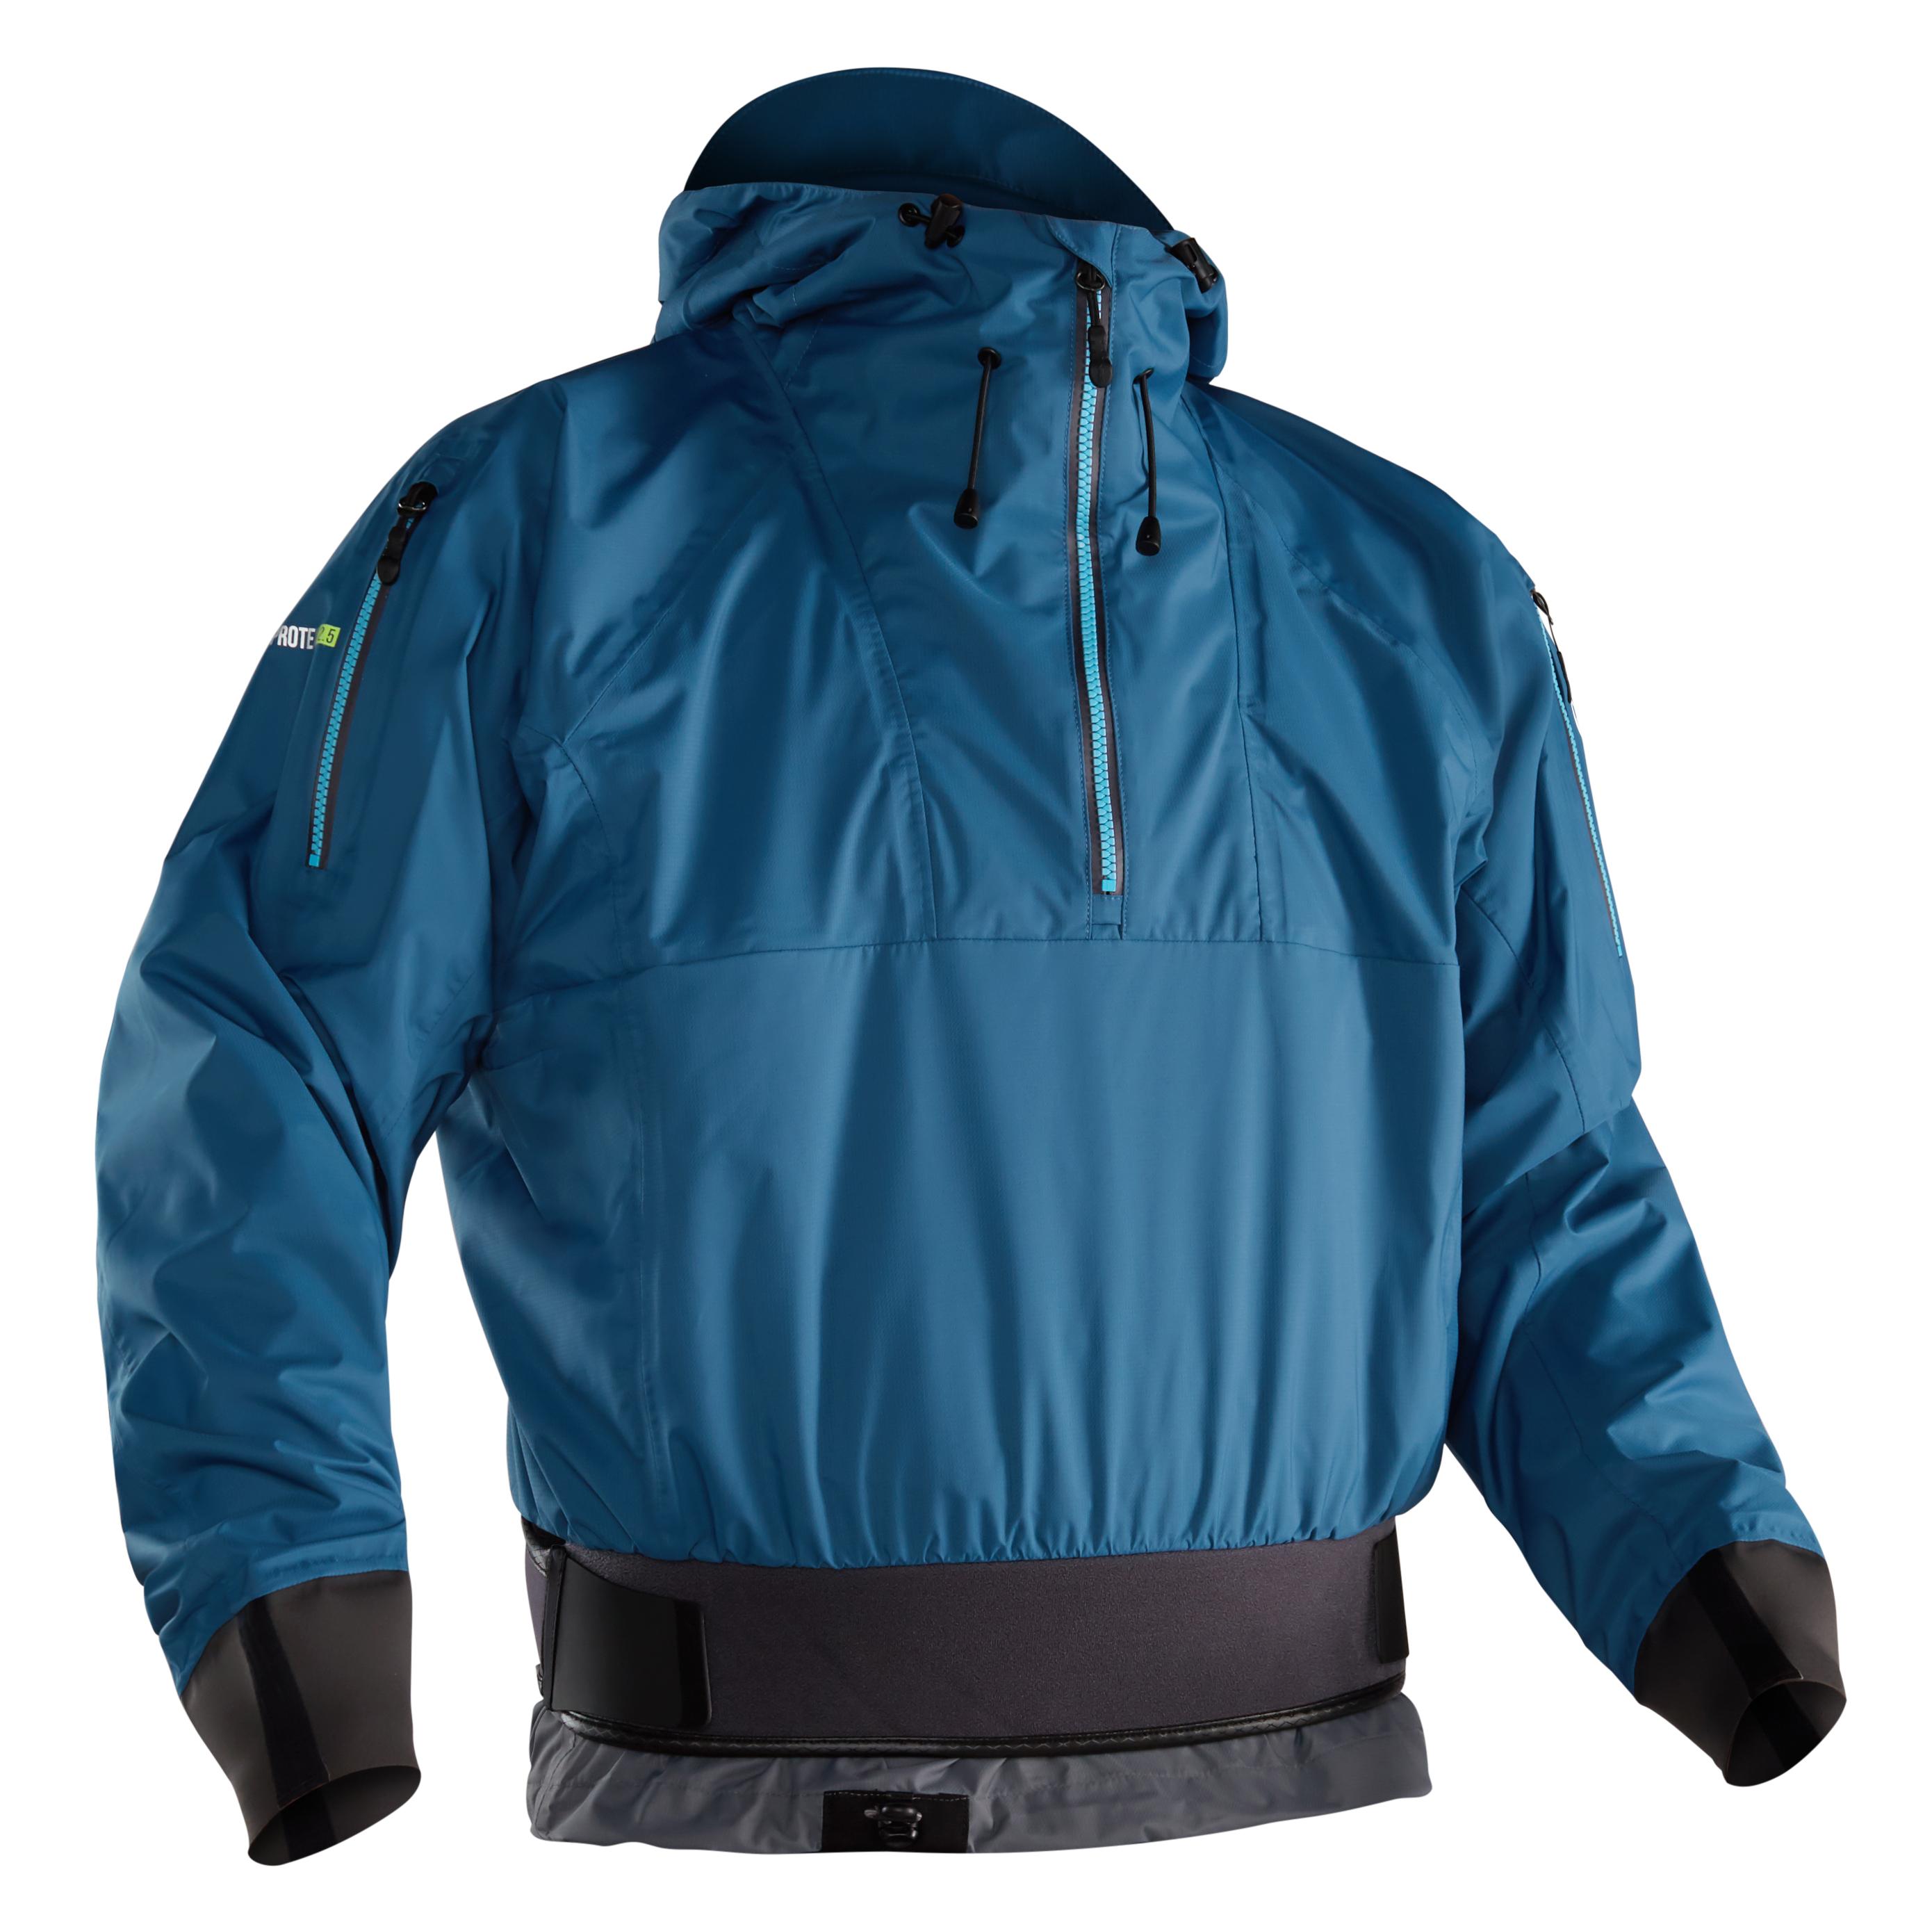 2018 NRS Men's Riptide Splash Jacket